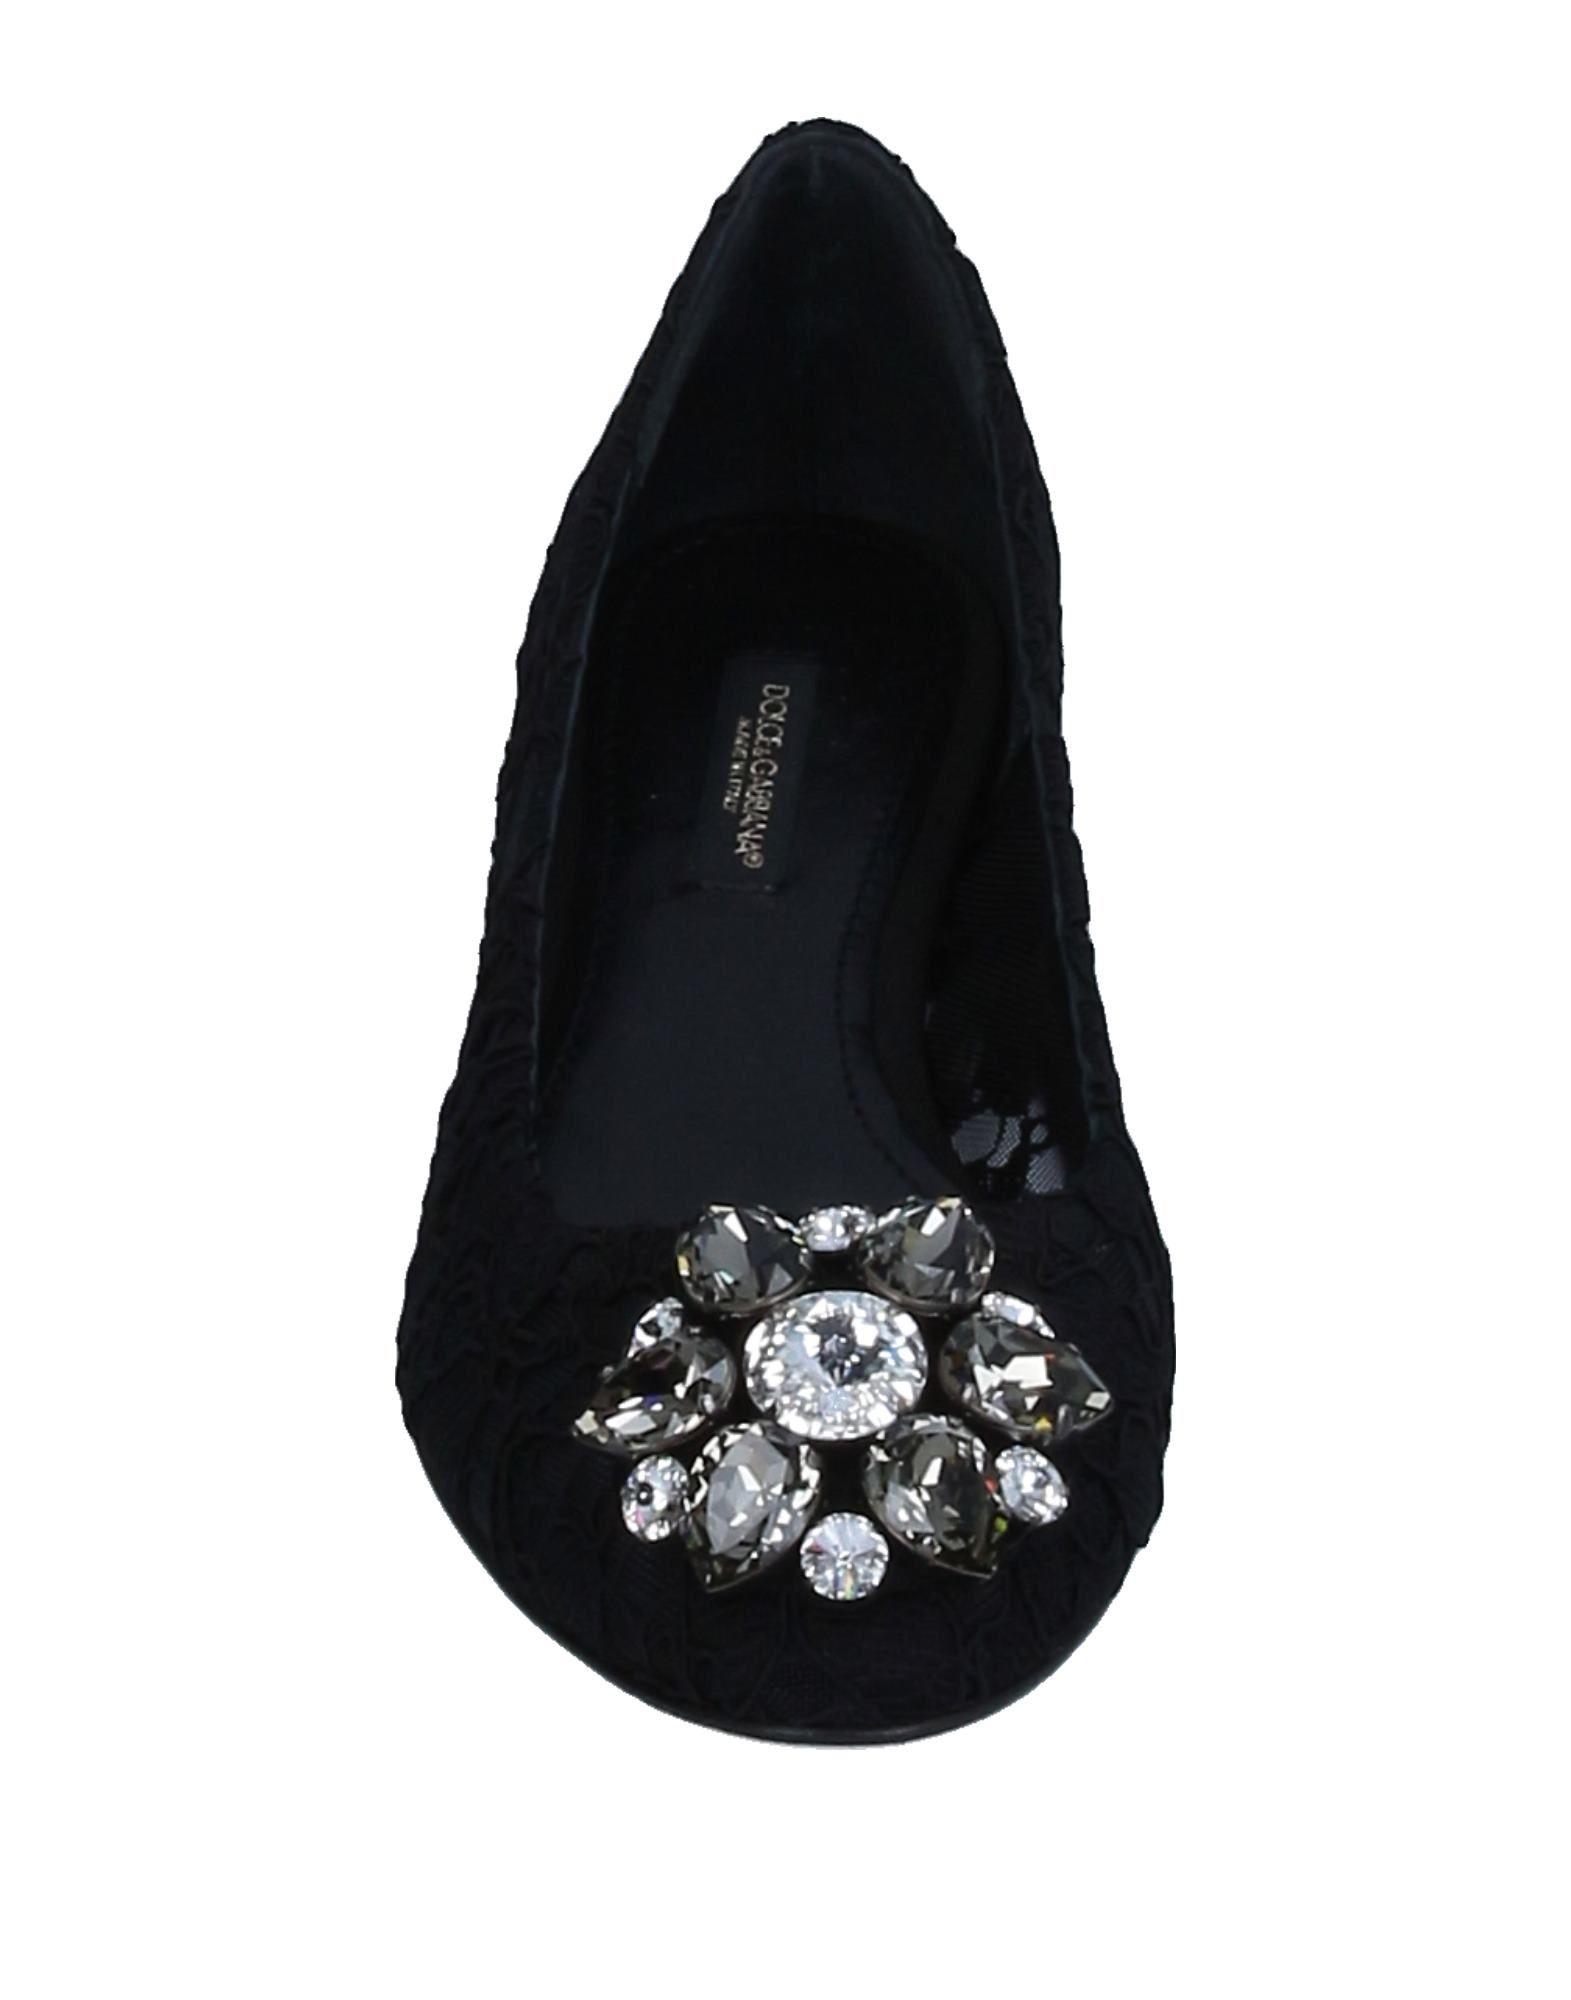 Ballerines Dolce & Gabbana Femme - Ballerines Dolce & Gabbana sur